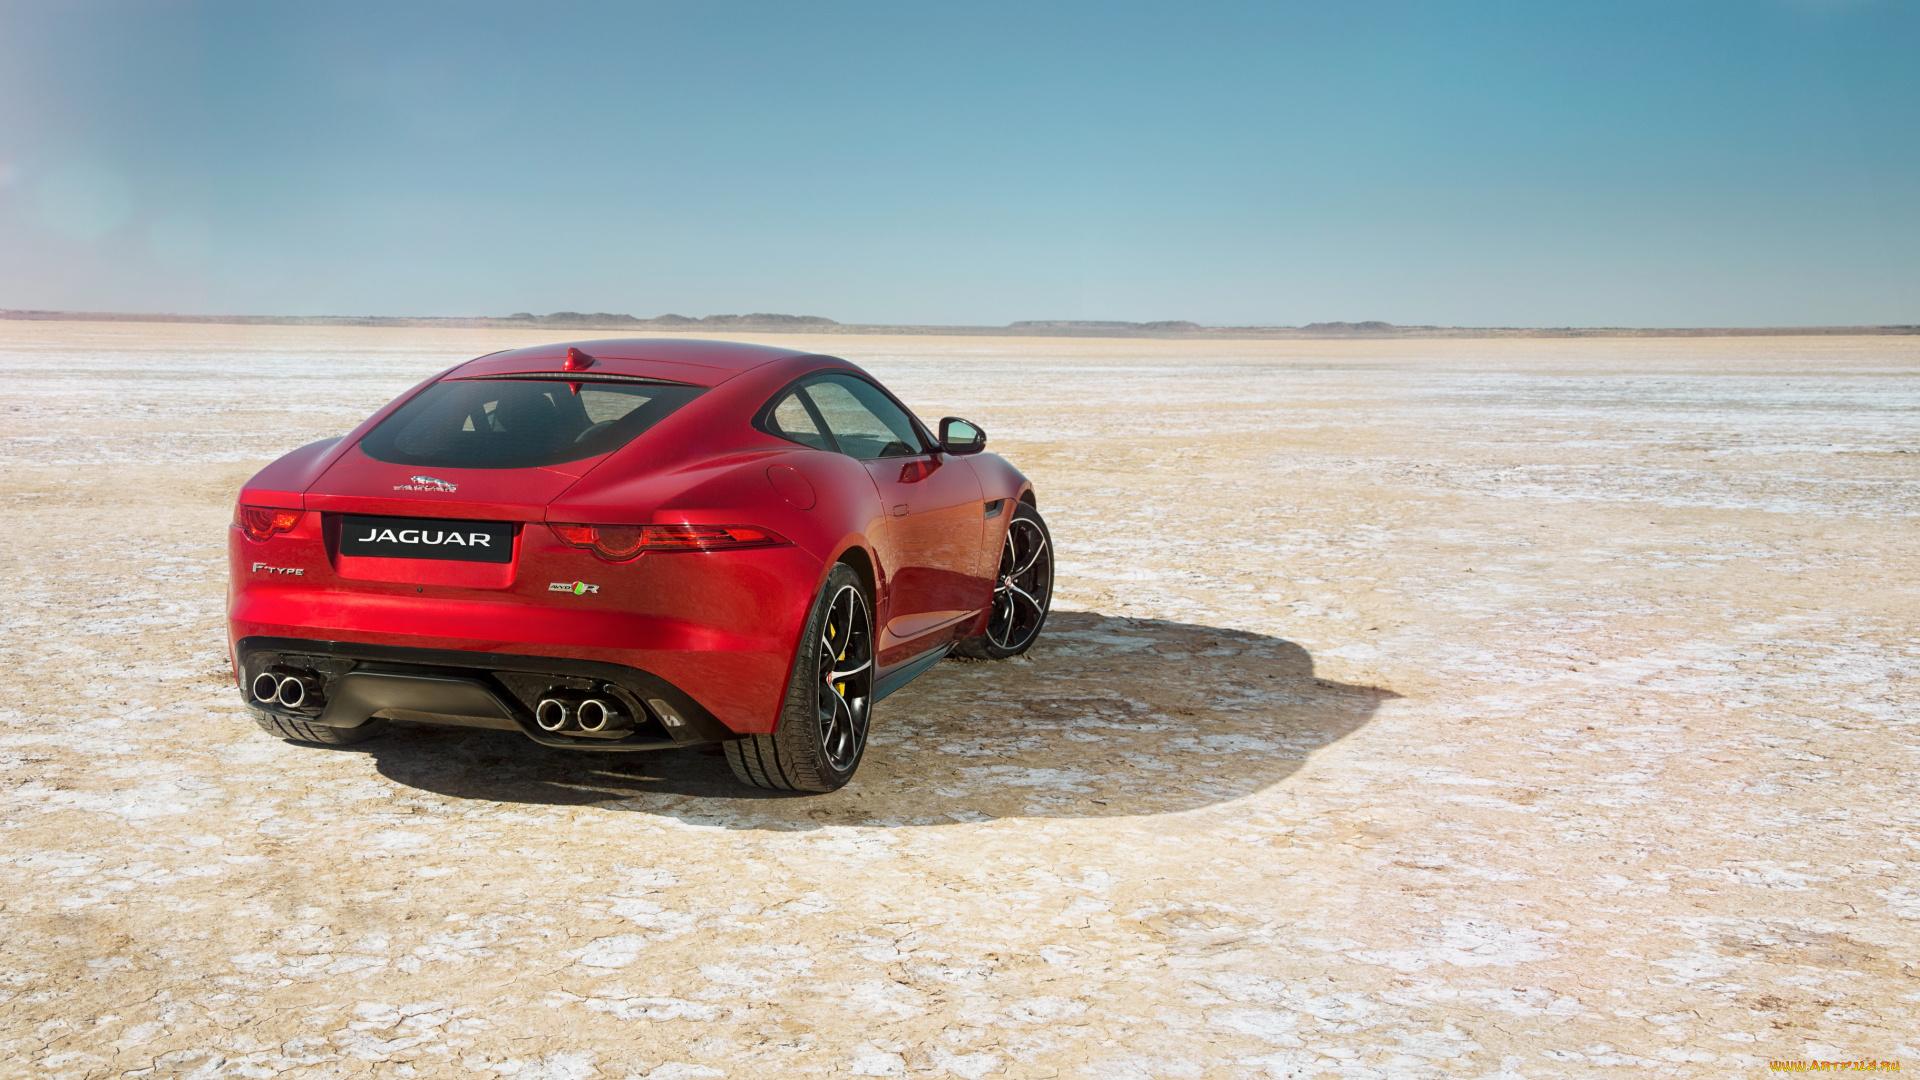 Jaguar F-Type Coupe  № 2429500 бесплатно